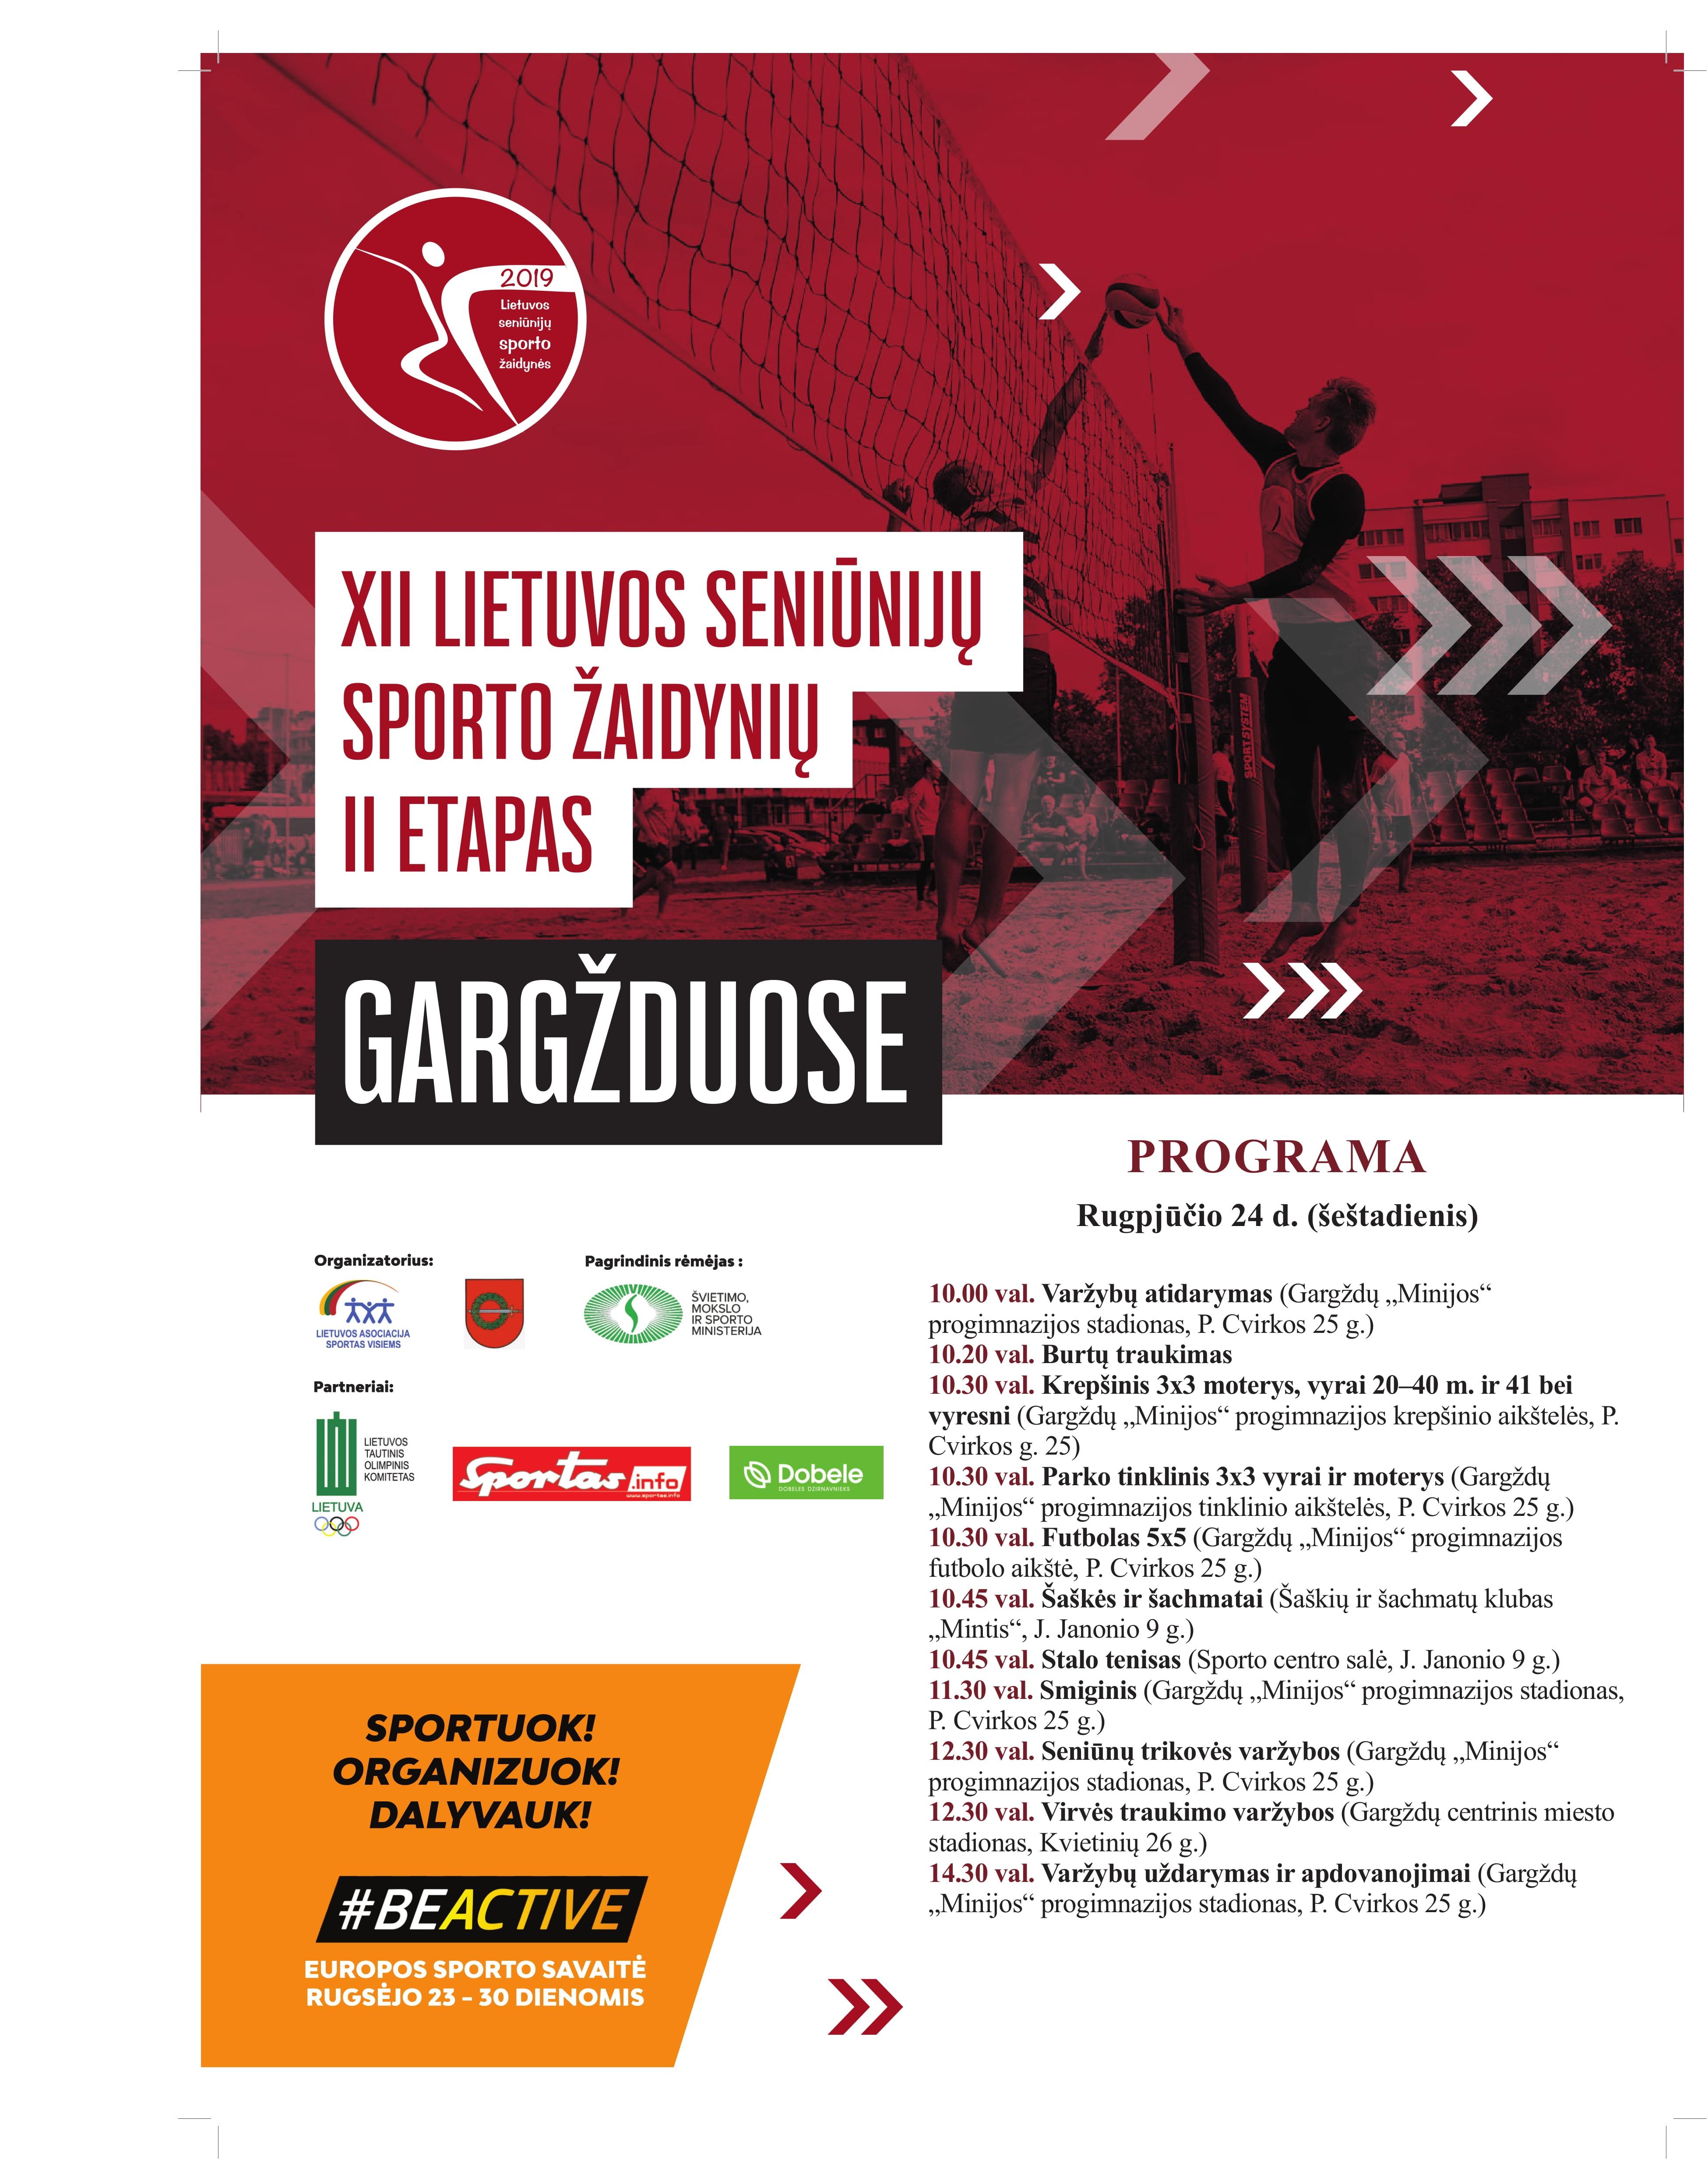 Šeštadienį Gargžduose – Lietuvos seniūnijų vasaros sporto žaidynių II etapas